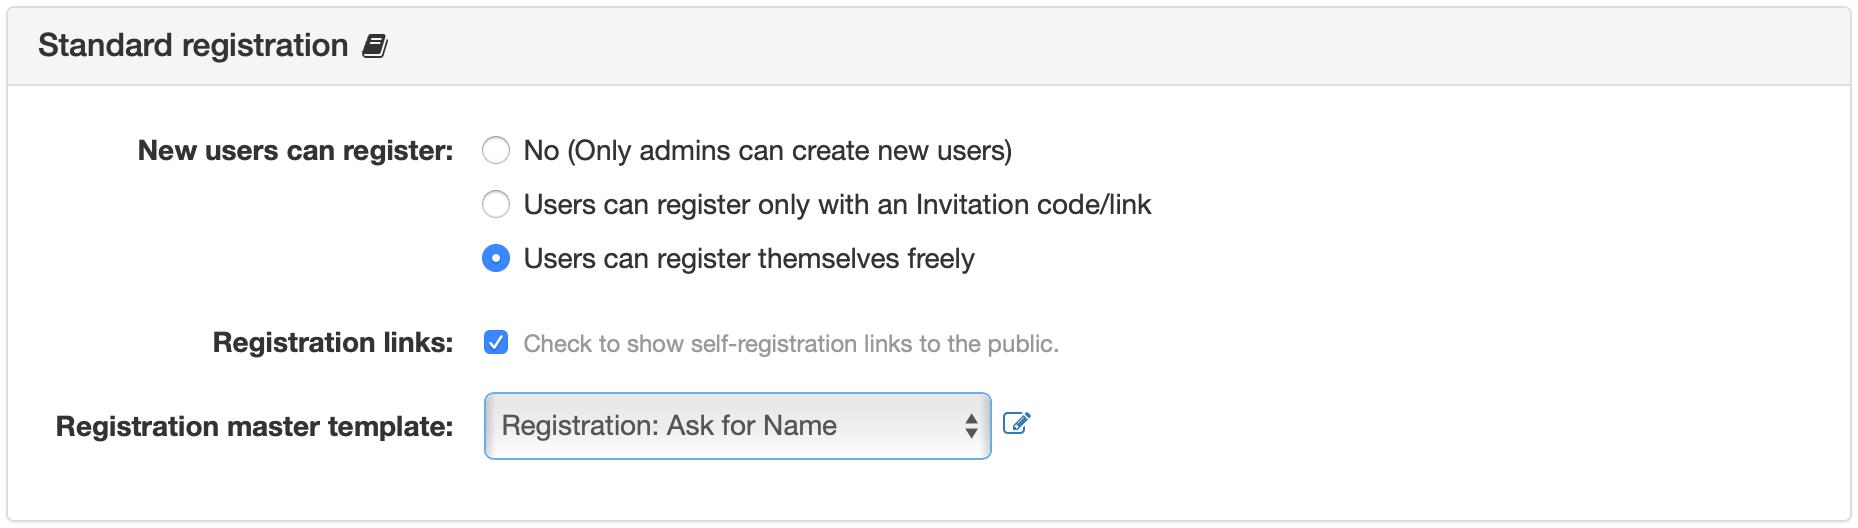 Standard Registration Panel